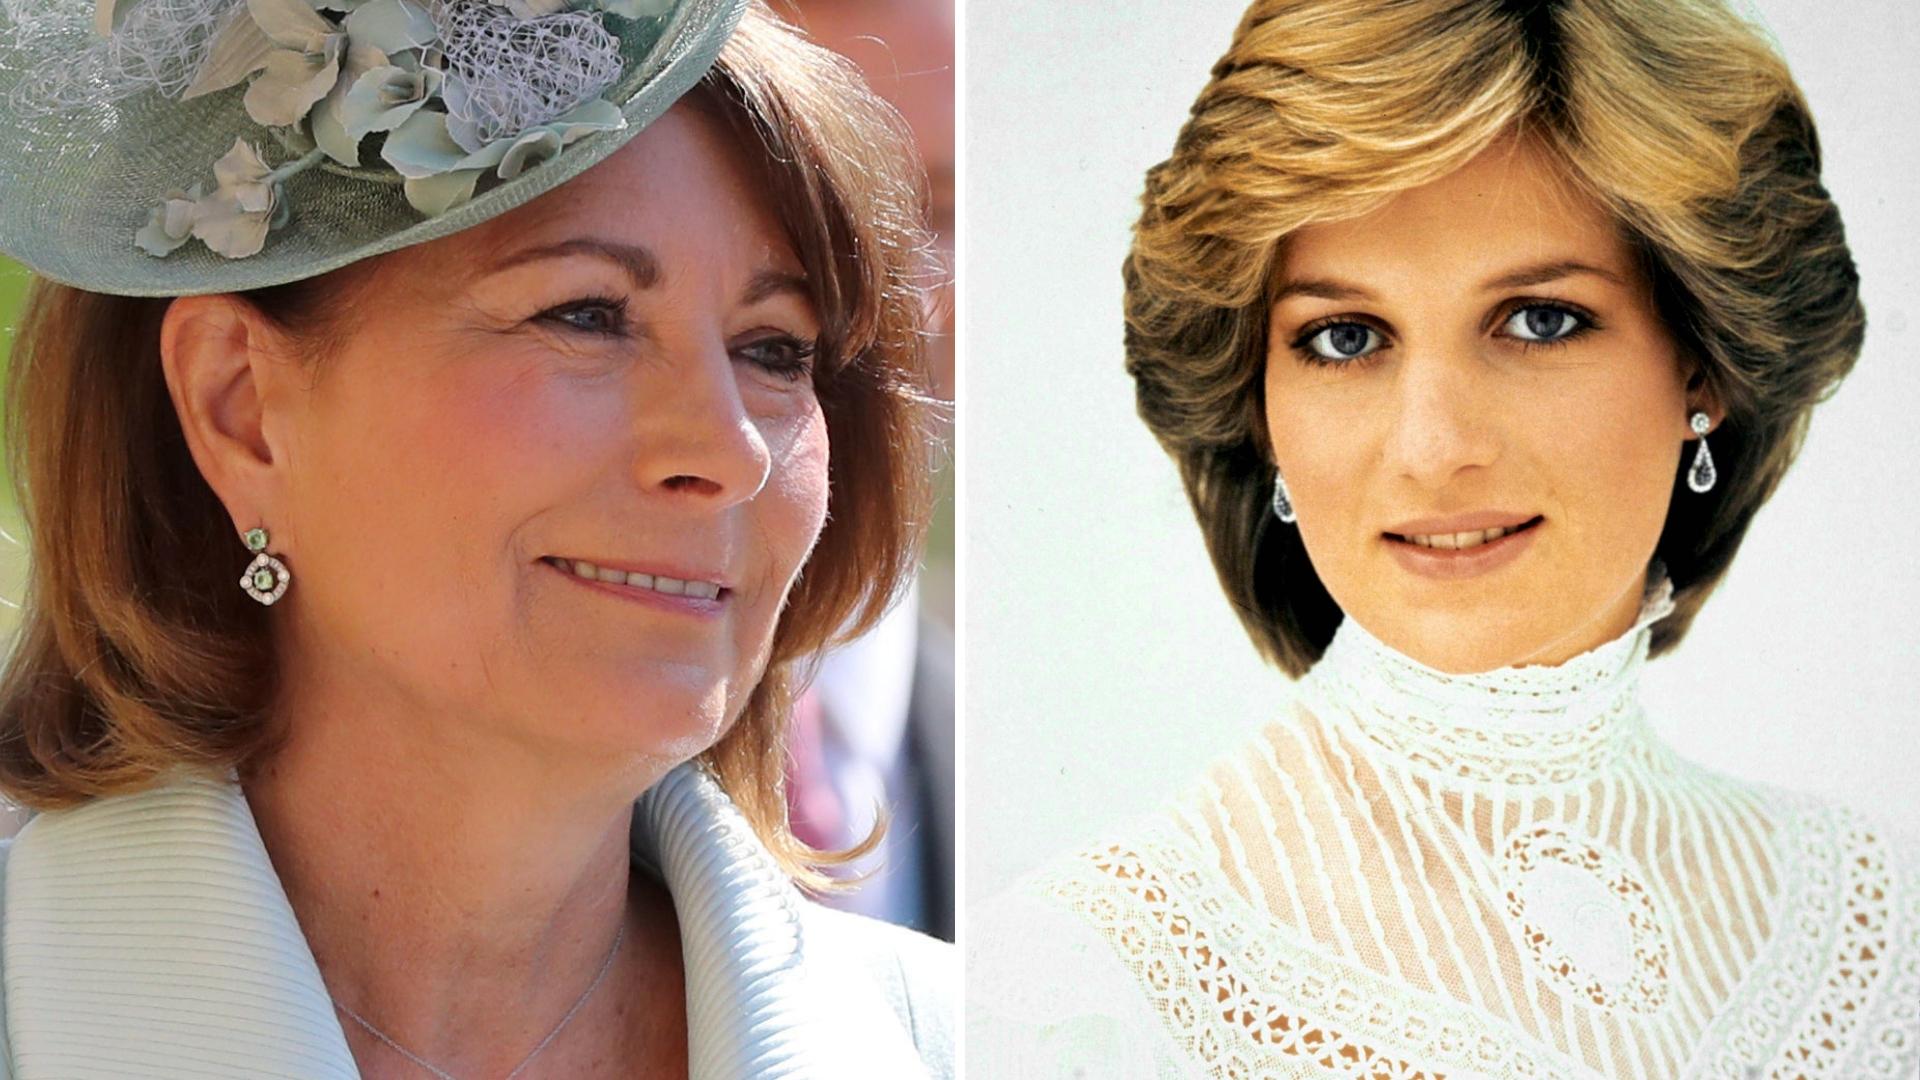 Matka księżnej Kate chce zarobić na śmierci Diany? Brytyjczycy są WŚCIEKLI!